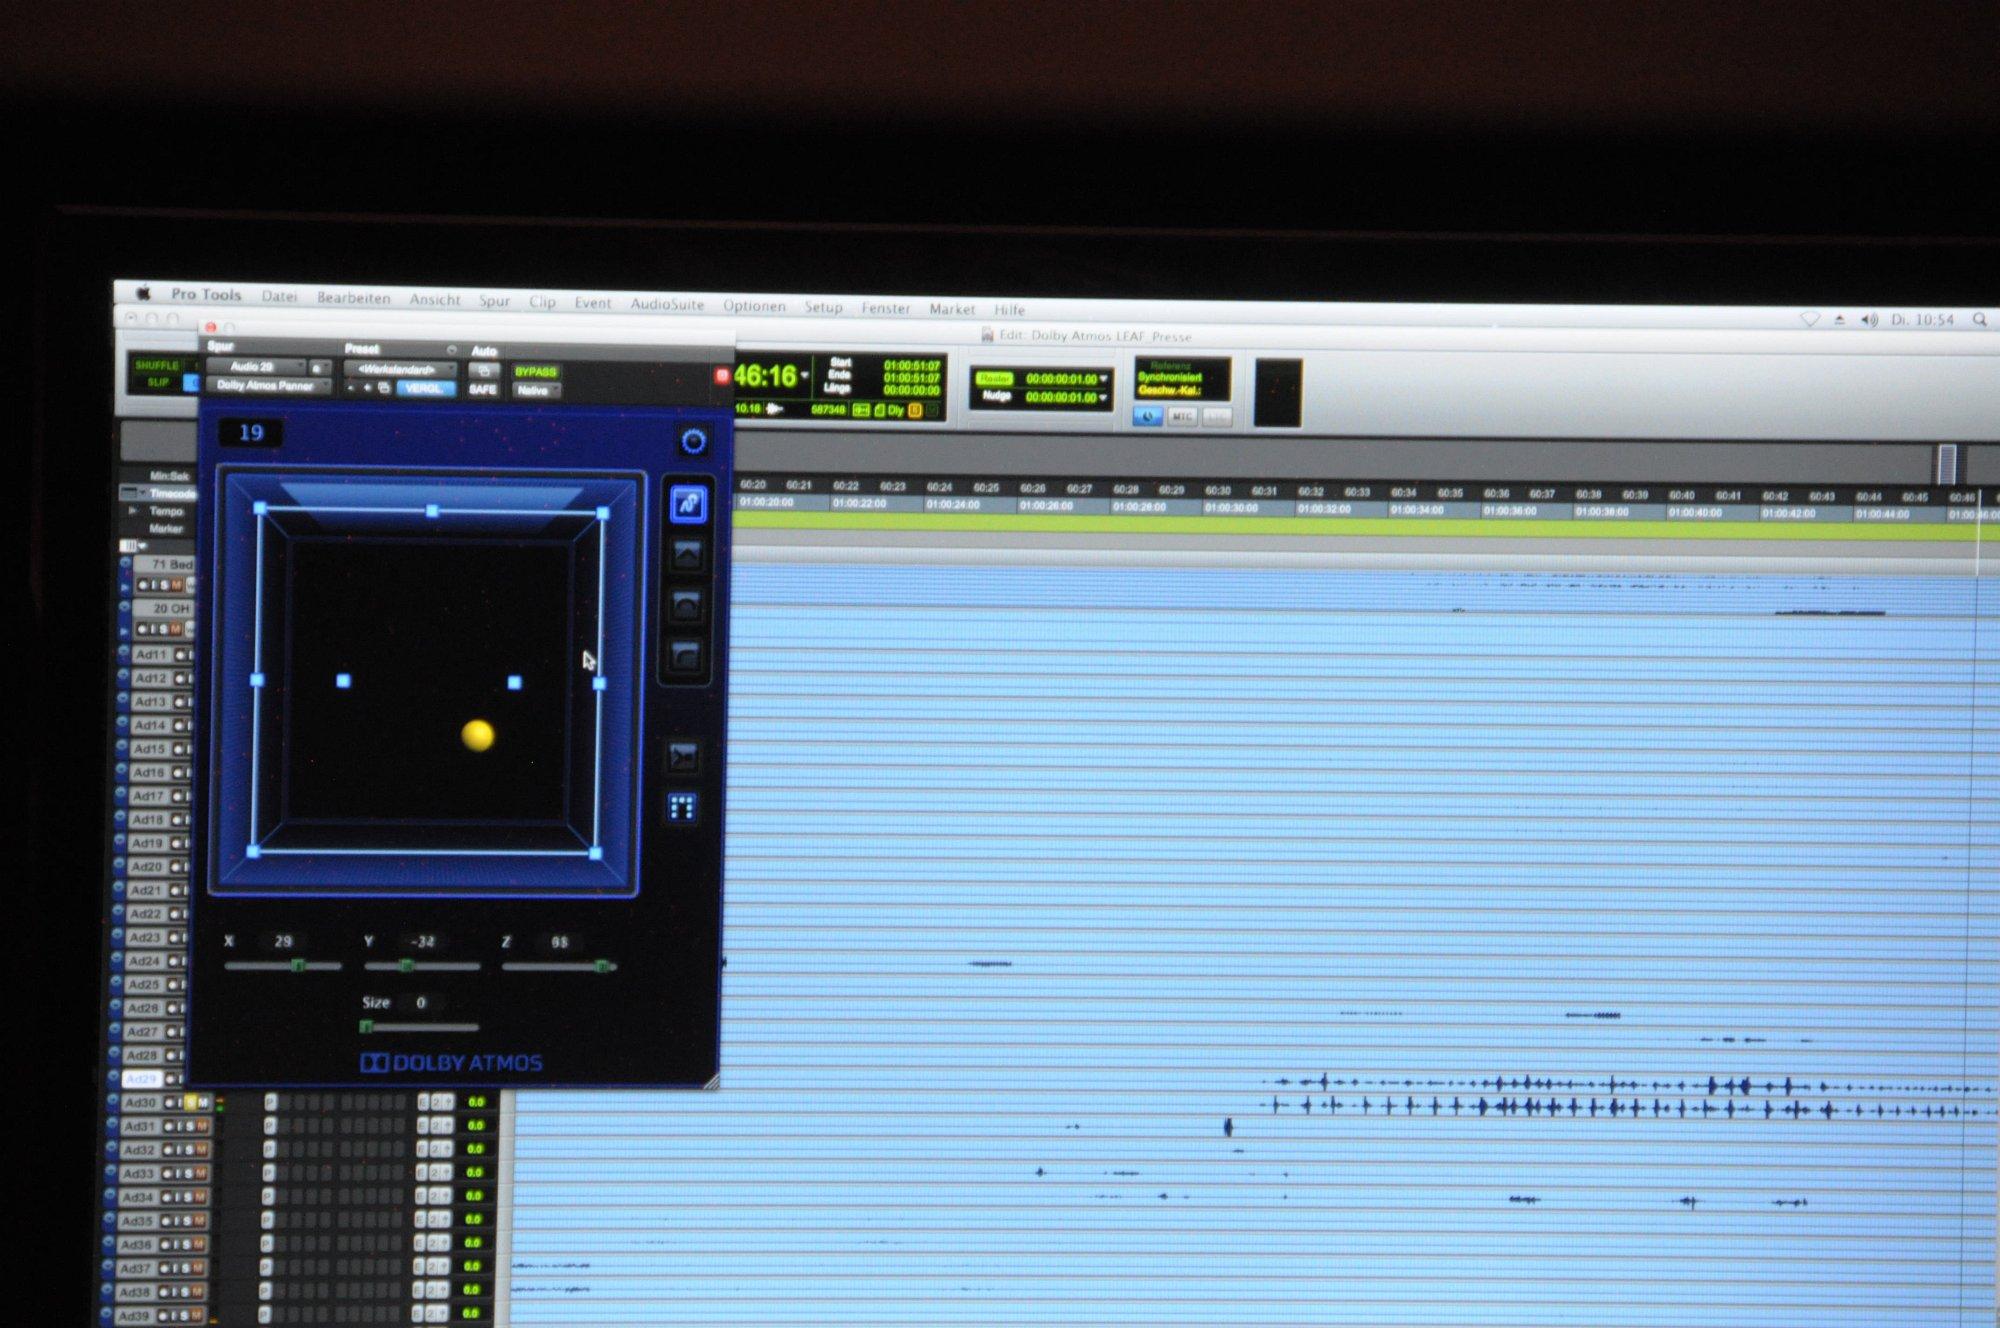 Dolby Atmos Probe gehört: Klang aus der Decke kommt fürs Heimkino - ...zwischen den Lautsprechern bewegt. (Foto: Andreas Sebayang/Golem.de)